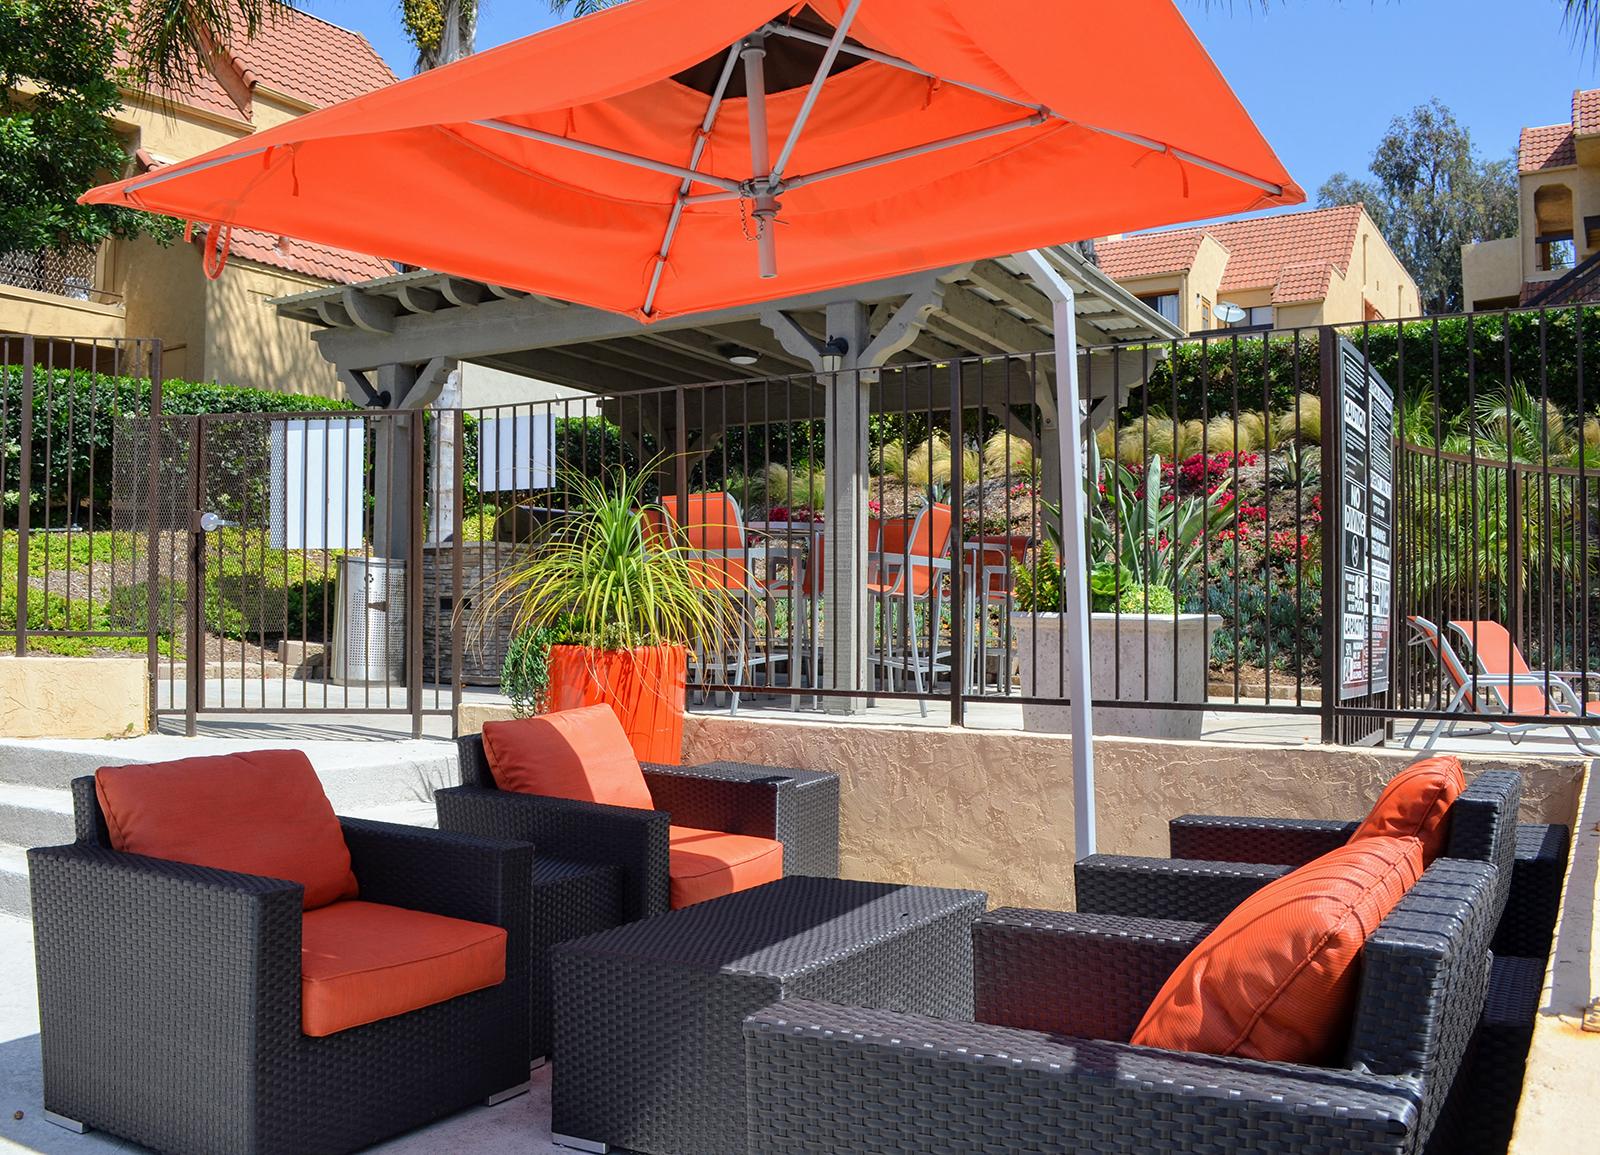 Lounge Chairs with Shade Awning at Canyon Villa Apartments, 601 Telegraph Canyon Road, California